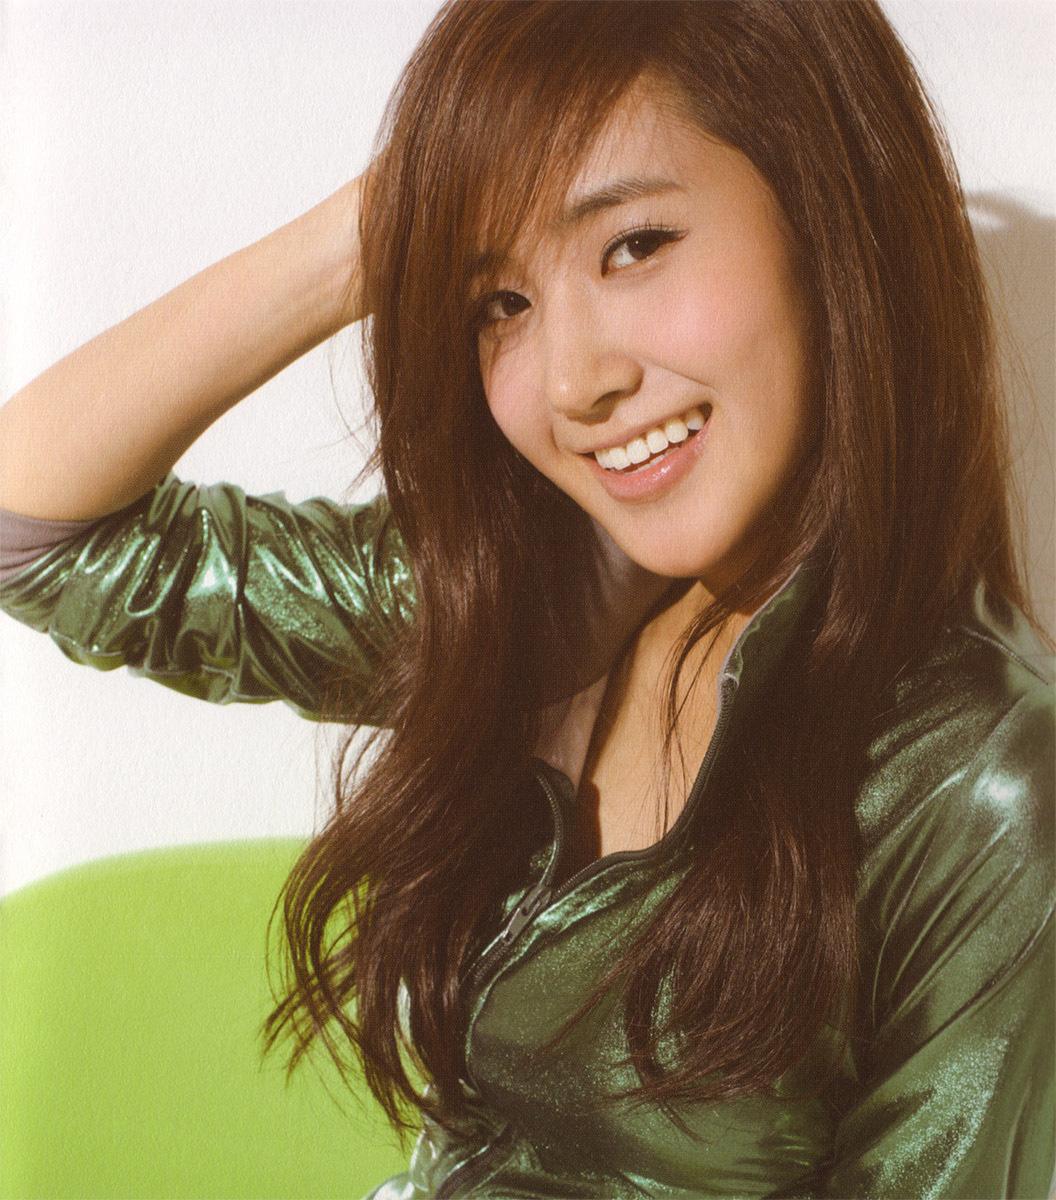 Bạn thích phong cách của Yuri trong hit nào của S9 nhất? ^^ Gee-super-generation-super-junior-and-girls-generation-13976539-1056-1200